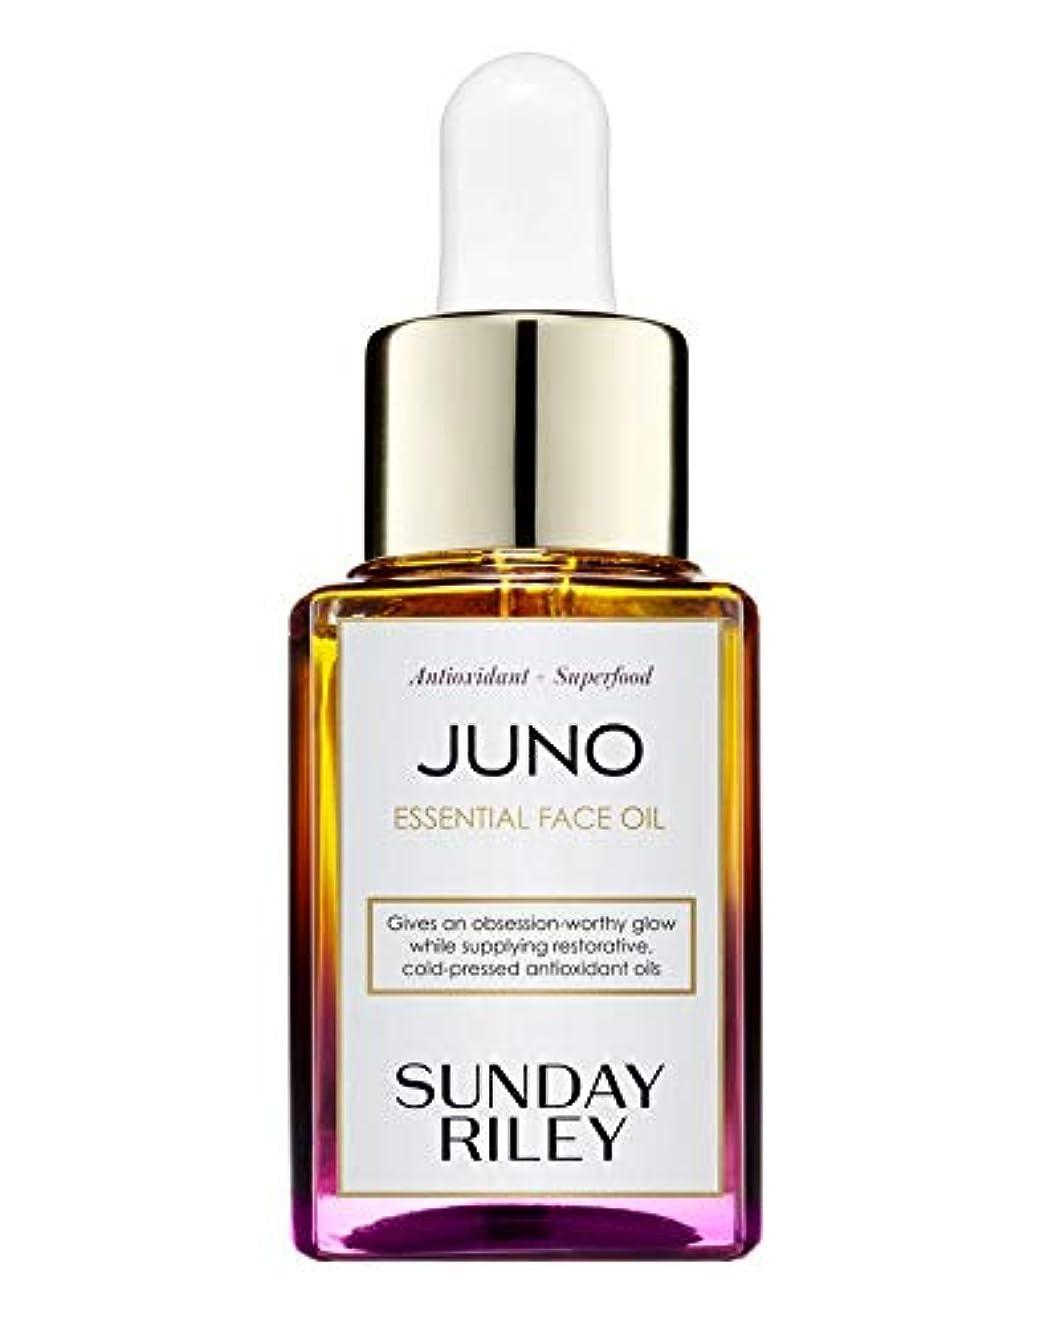 突撃独特のファイバSunday Riley Juno Hydroactive Cellular Face Oil 15ml サンデーライリー ジュノ フェイスオイル